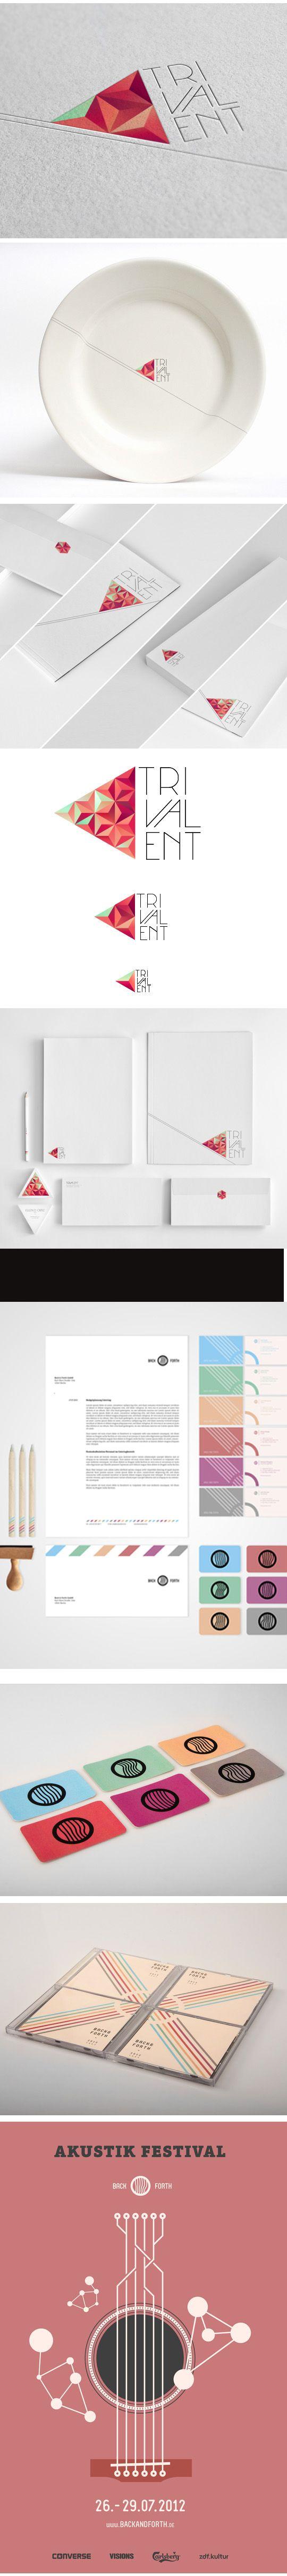 #design #branding #identity by Nina Geometrieva Singapore